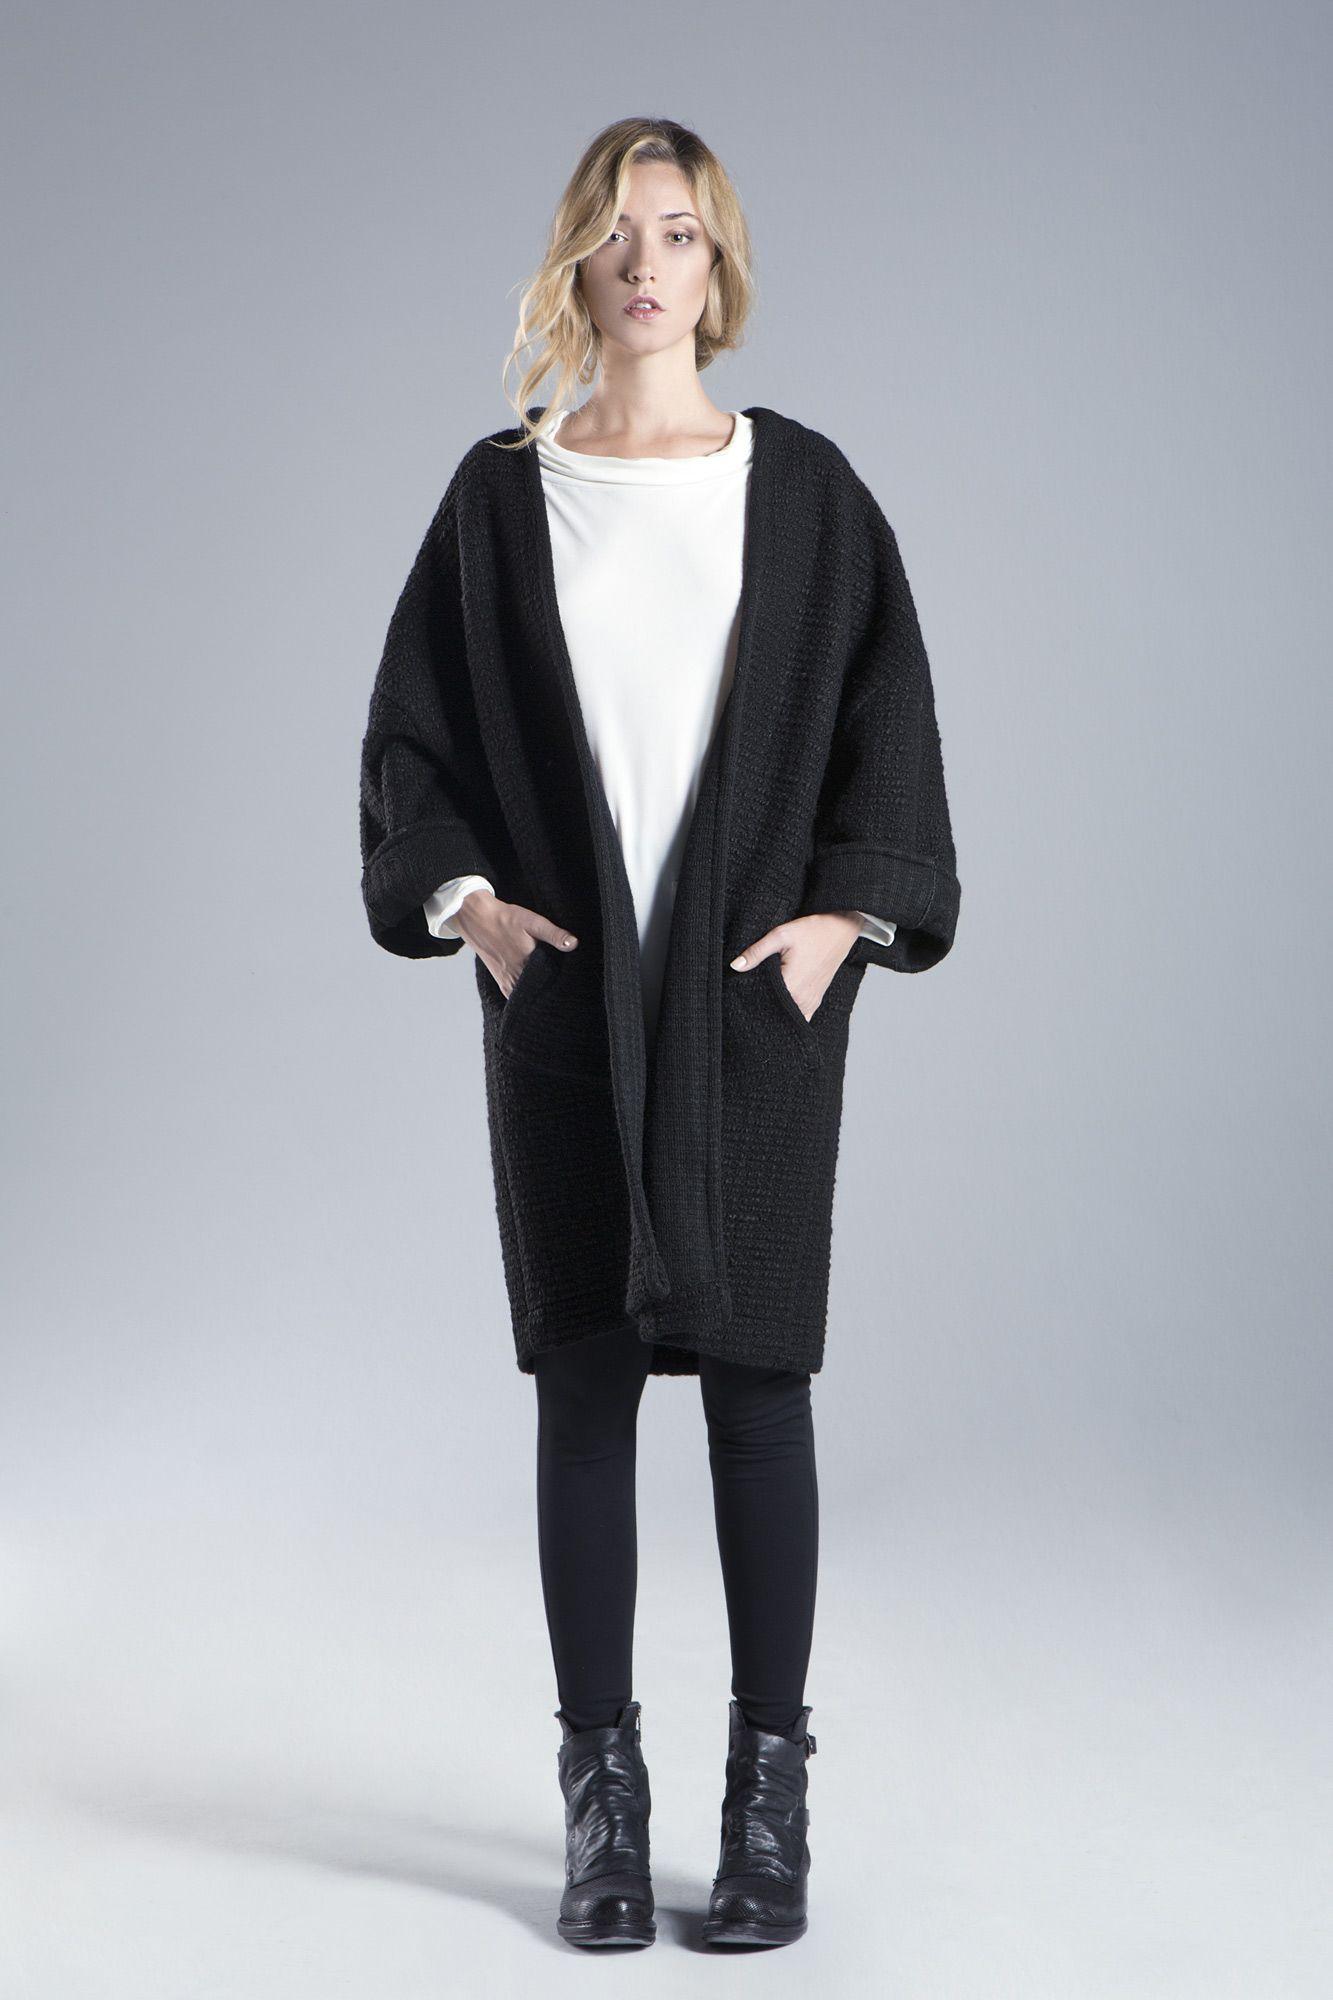 Spolverino in lana tinta unita, con le maniche da rigirare. Linea essenziale, lunghezza al ginocchio.